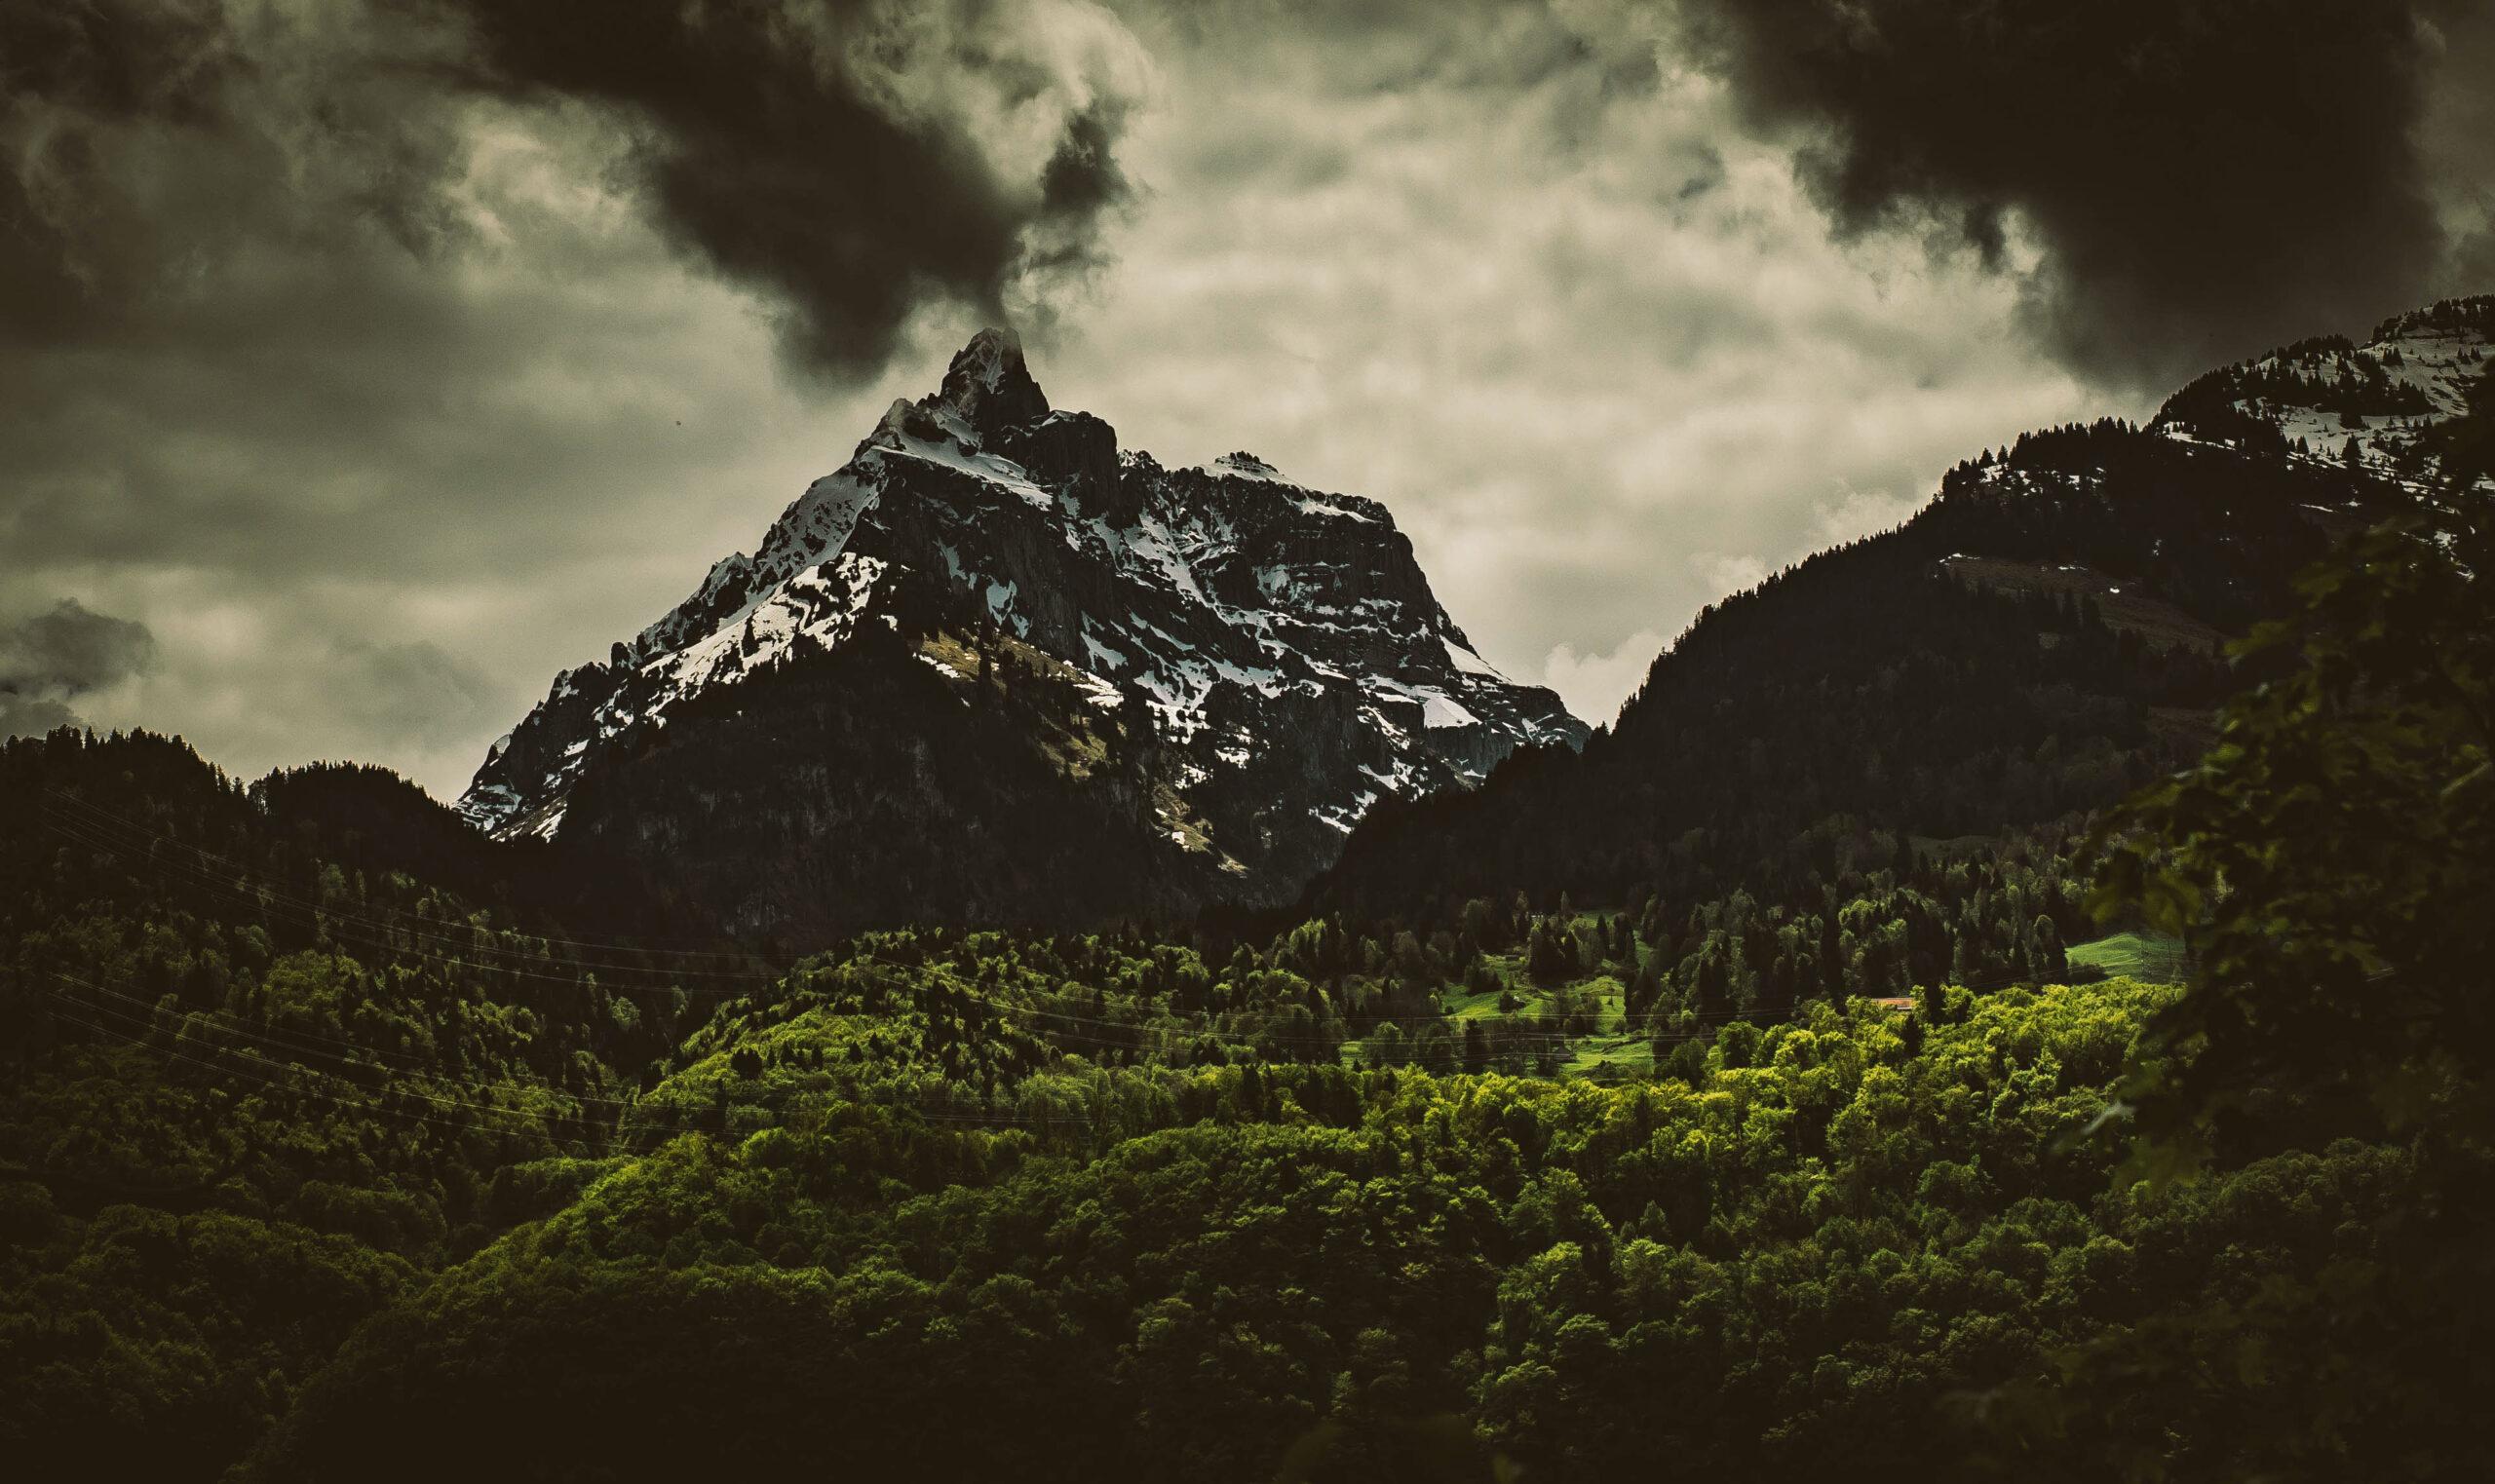 Landscape, Landschaftsfotografie Schweiz, Mentoring, Fotograf Luzern